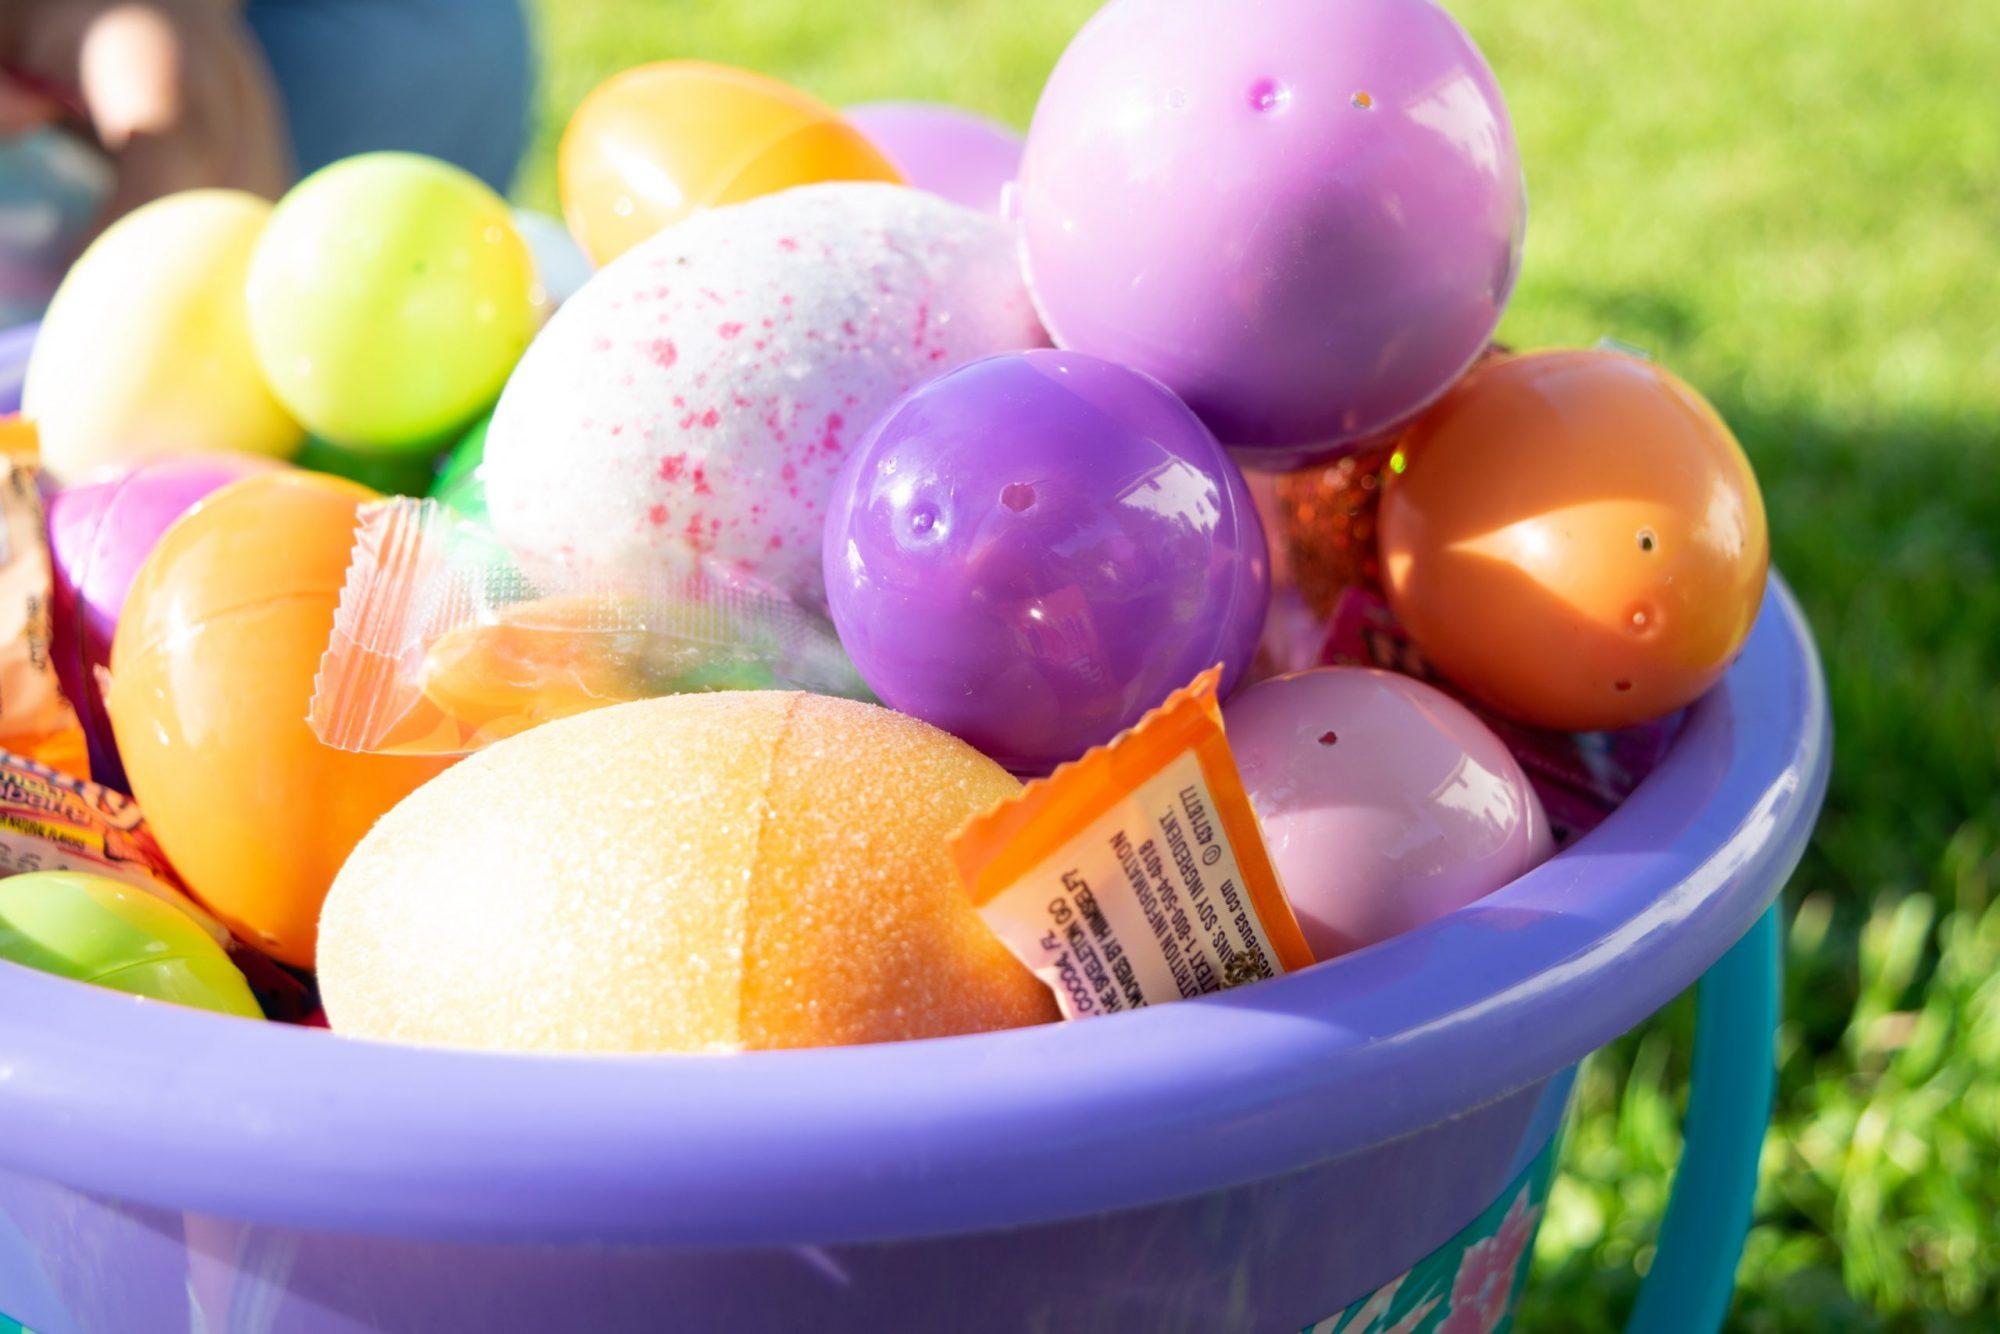 Yllätysmunien leluhylsystä on moneen: kekseliäät tavat käyttää uudelleen tai kierrätä oikein